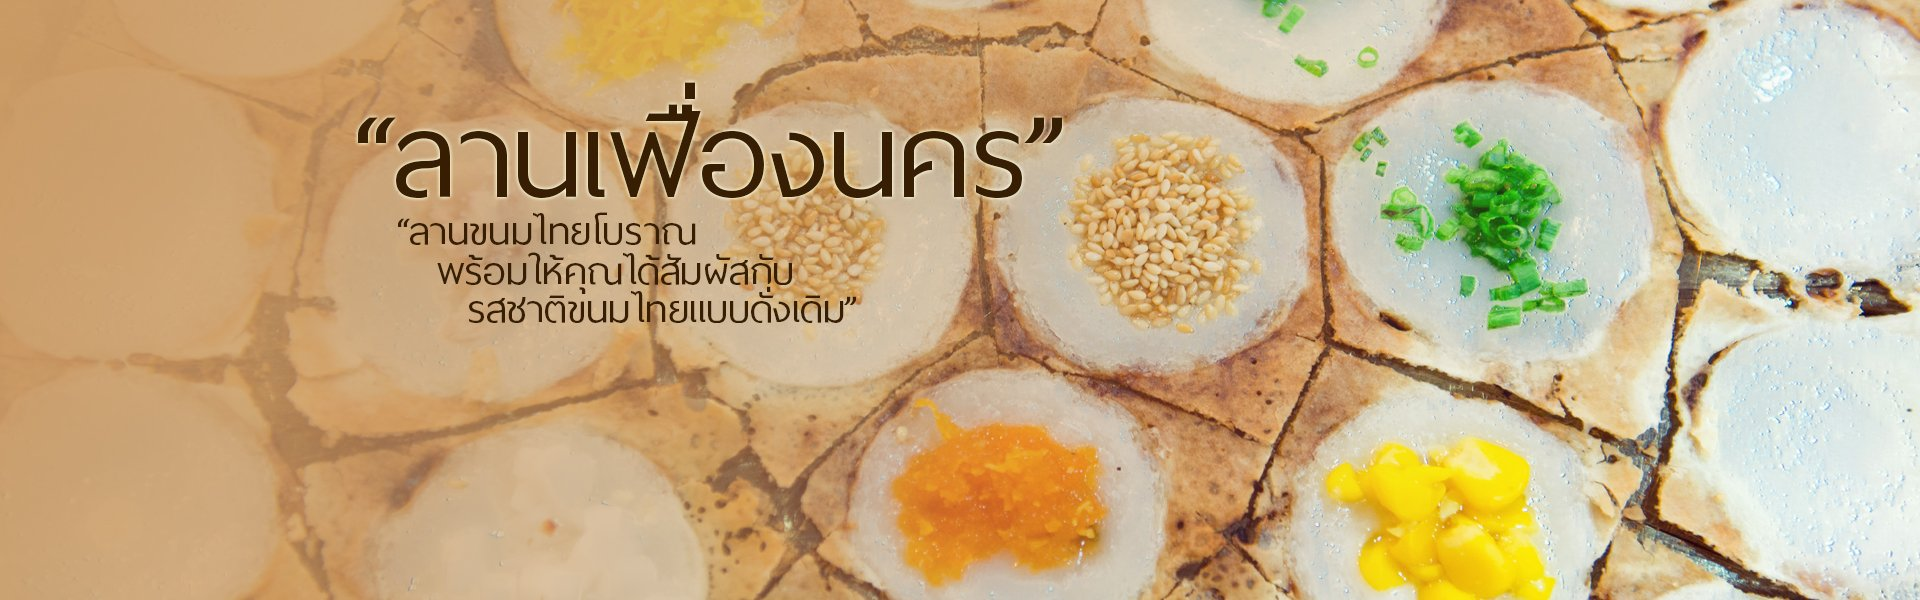 ลานเฟื่องนคร ลานขนมไทยโบราณ